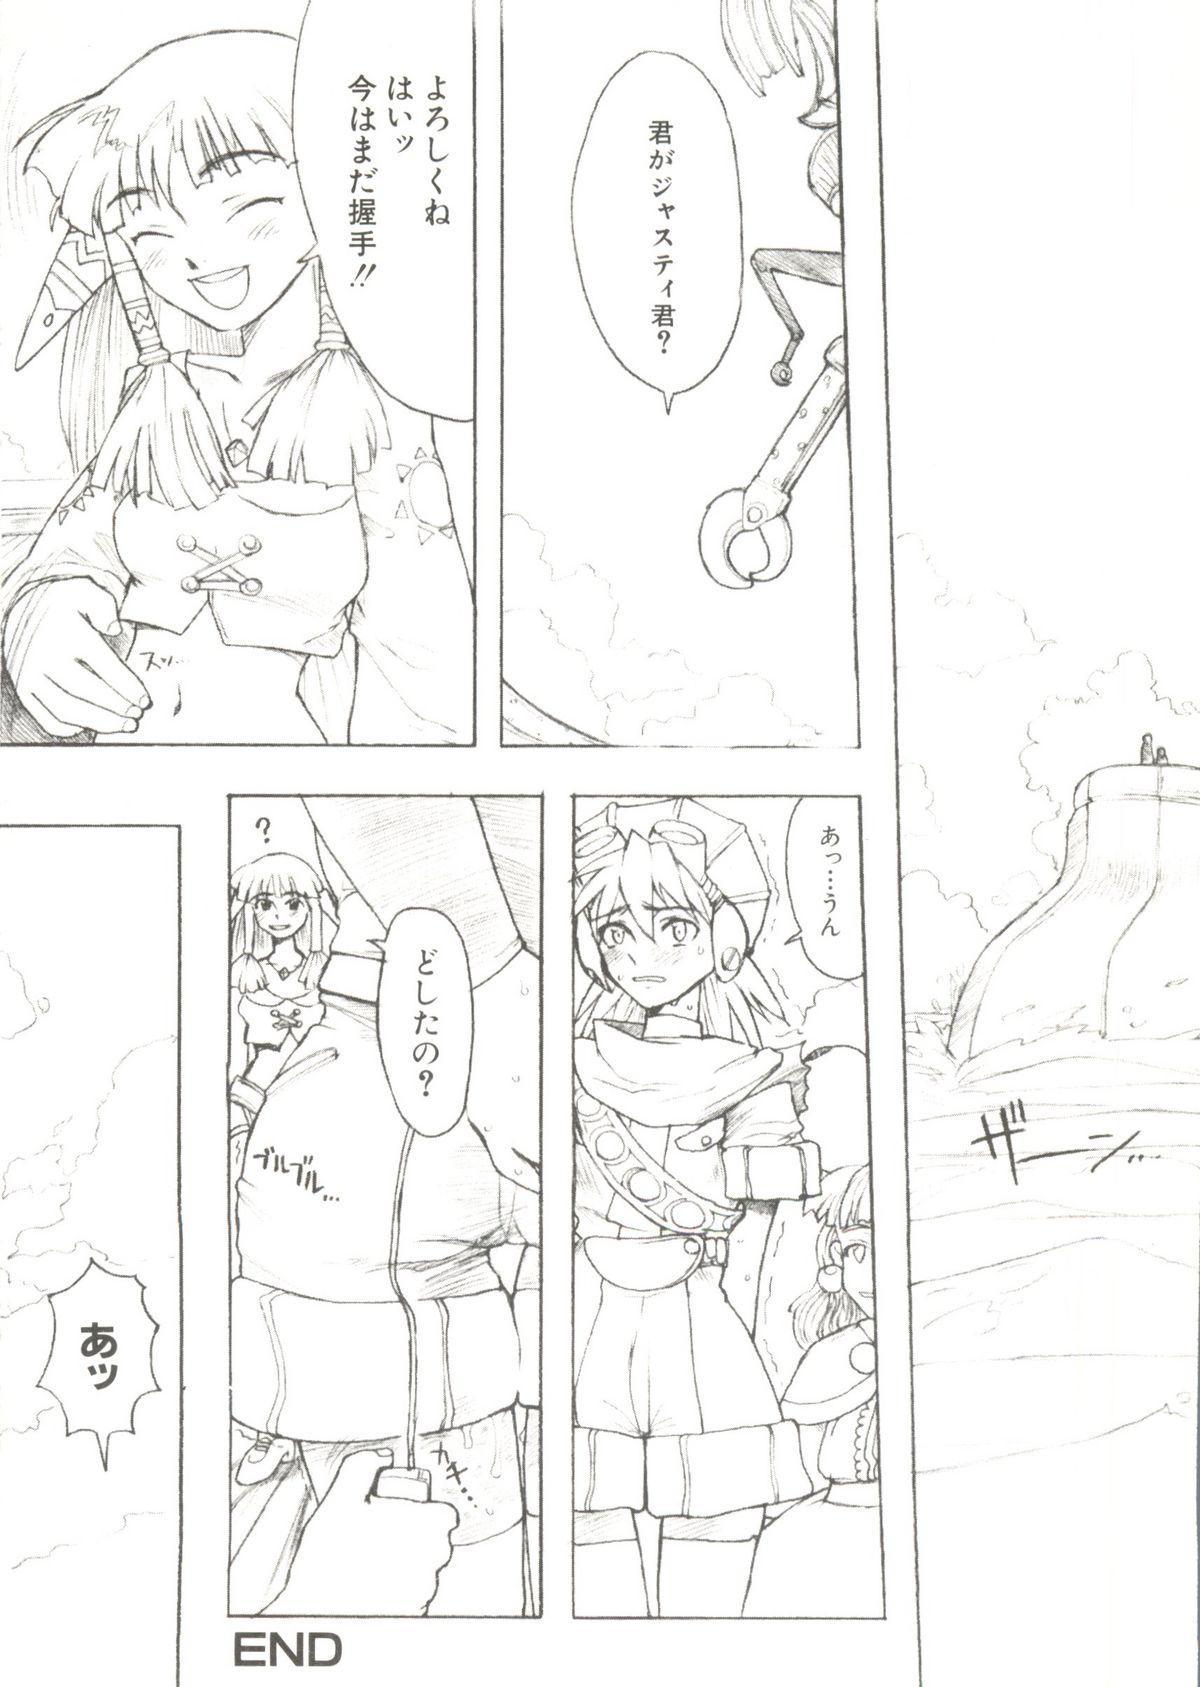 Denei Tamate Bako Bishoujo Doujinshi Anthology Vol. 2 - Nishinhou no Tenshi 129